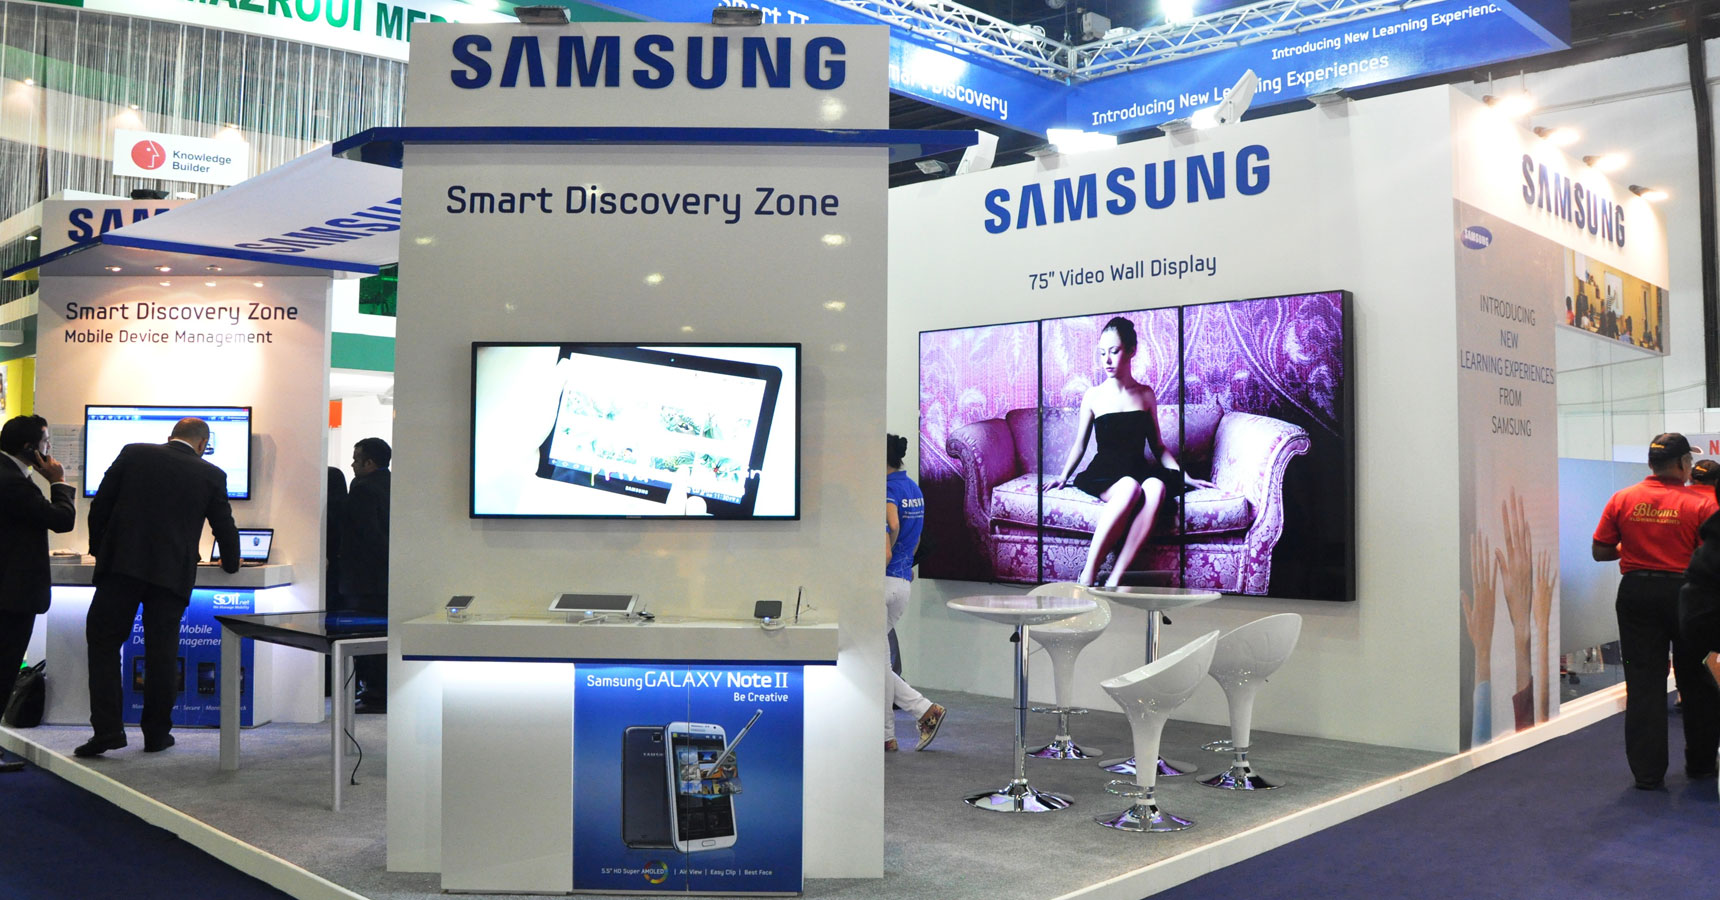 La baja en las ventas de móviles fue una de las principales causas por la que Samsung redujo sus beneficios en casi un 20%.